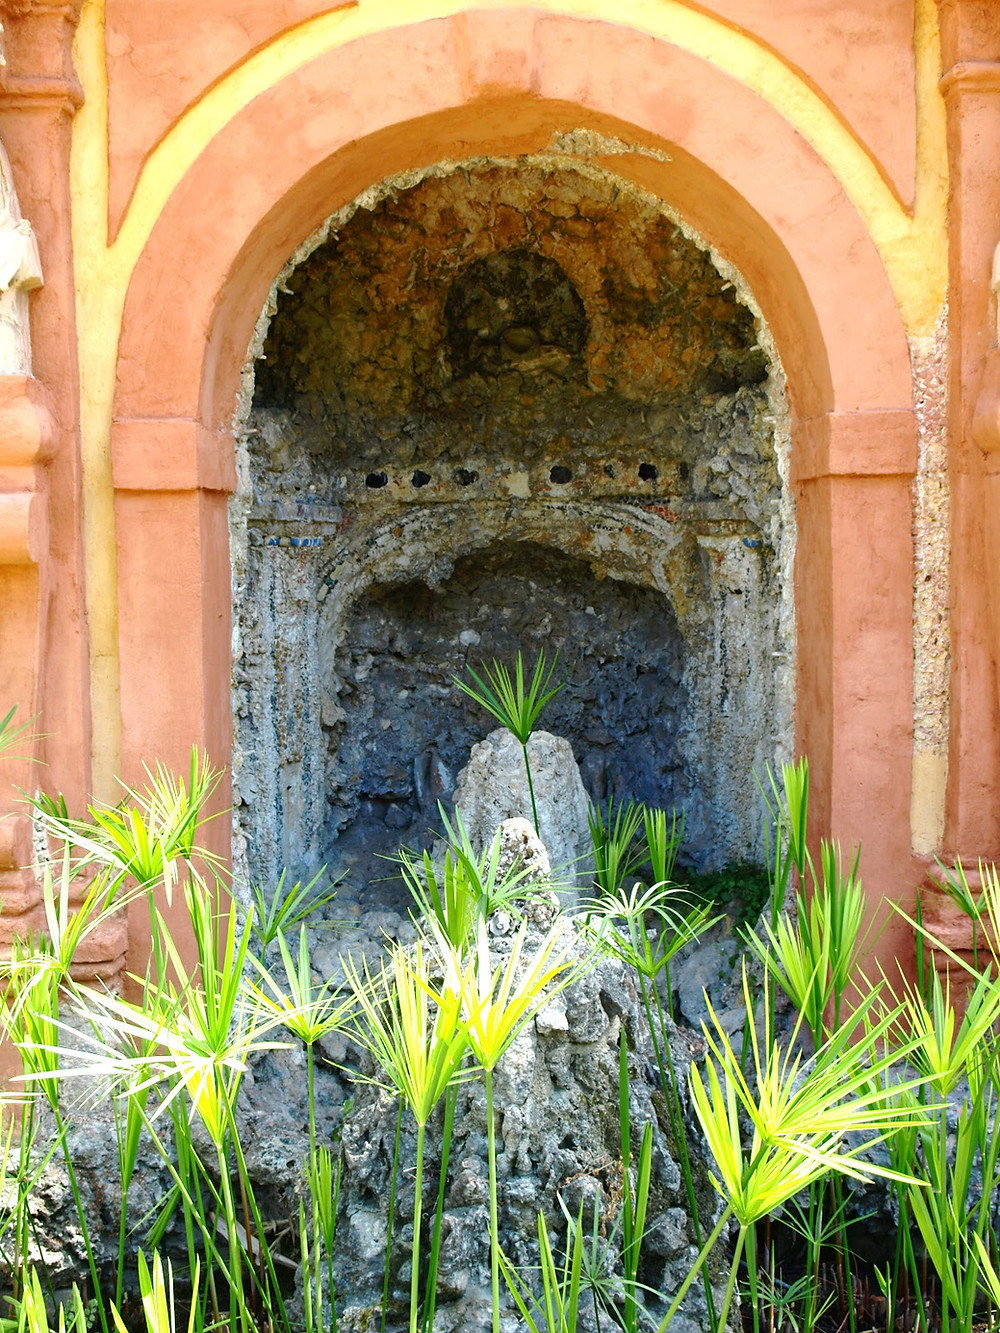 the Fuente de la Fama, a water organ, along the Italian Grotto Gallery in the Alcazar